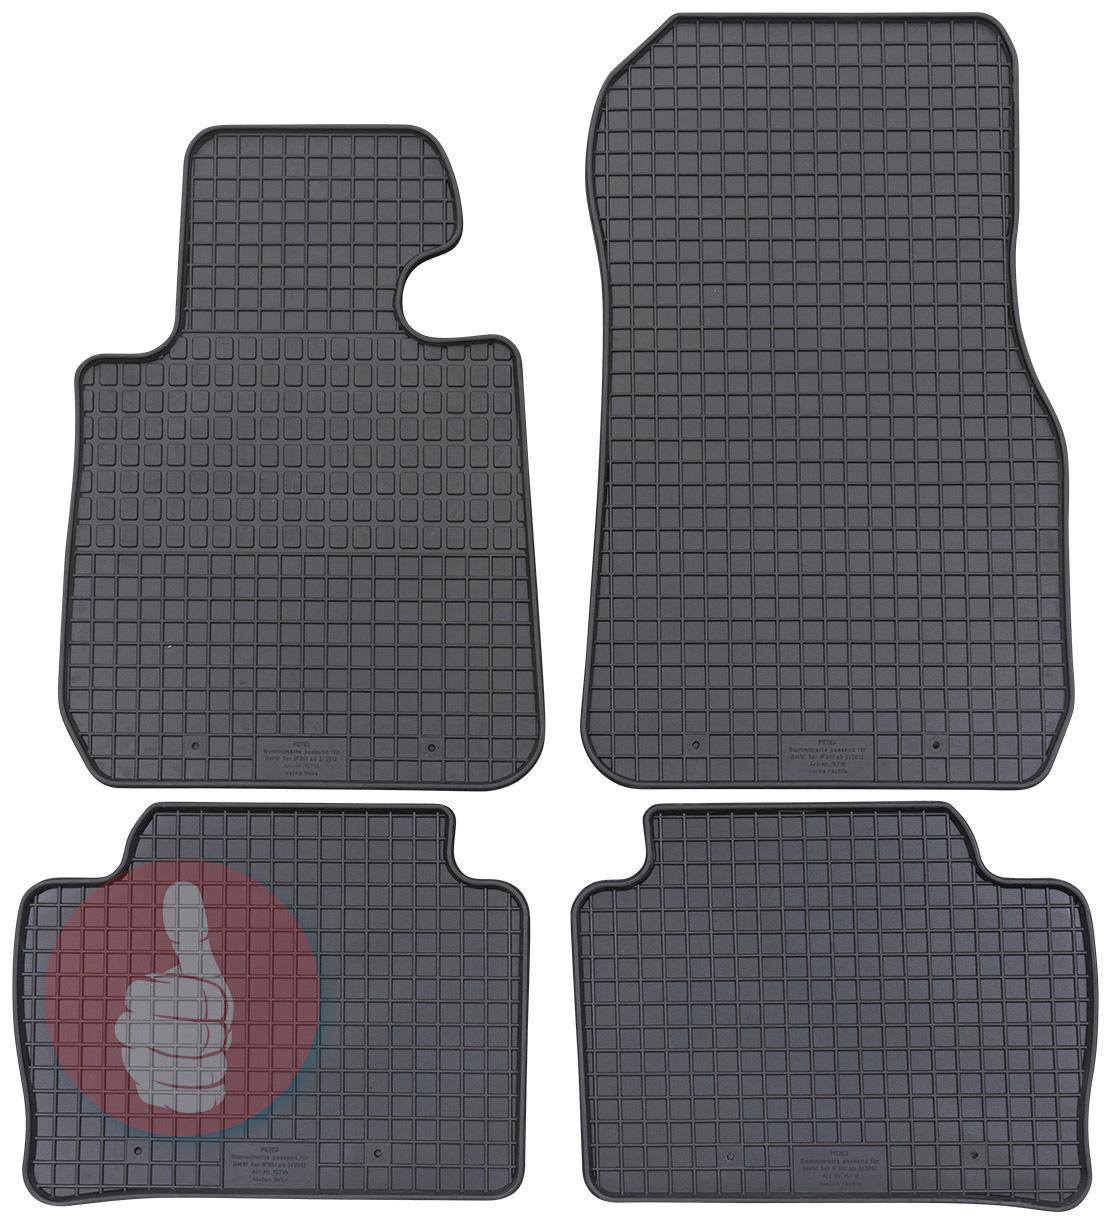 Gummi Fußmatten BMW F30 F31 3er ab 2011 Gummimatten Gummifußmatten 4teilig Set